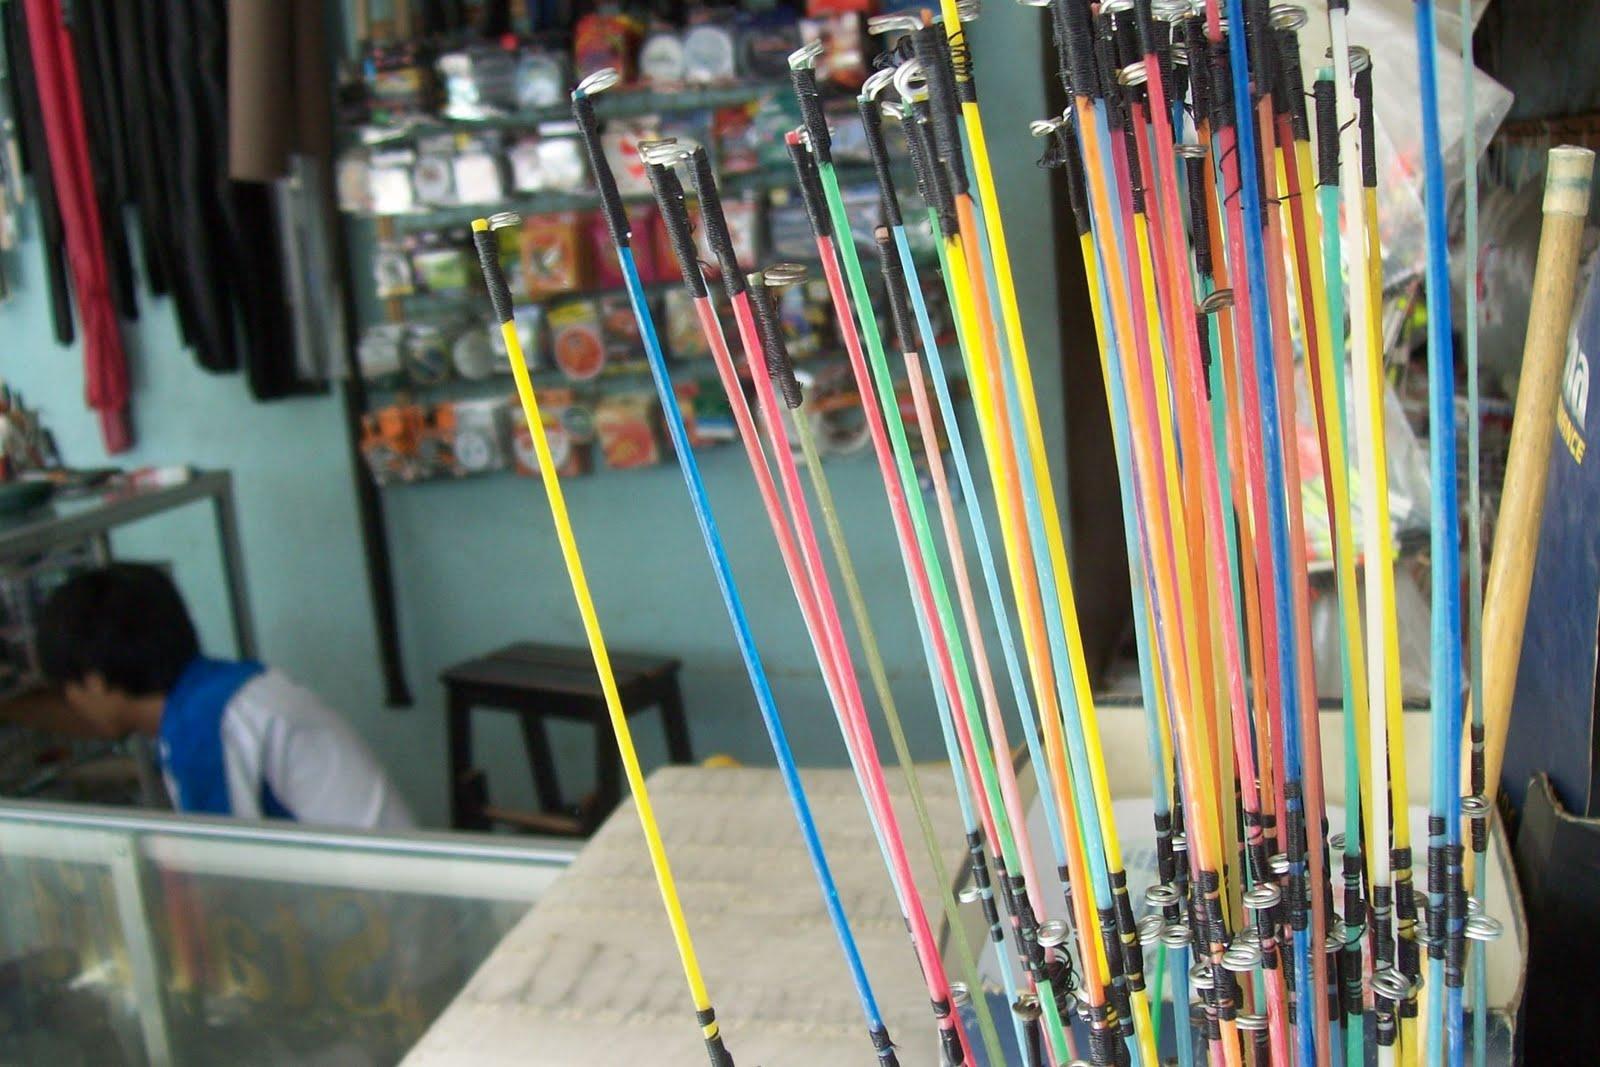 Toko Alat Pancing Di Balikpapan http://gadingtirta.blogspot.com/2010 ...